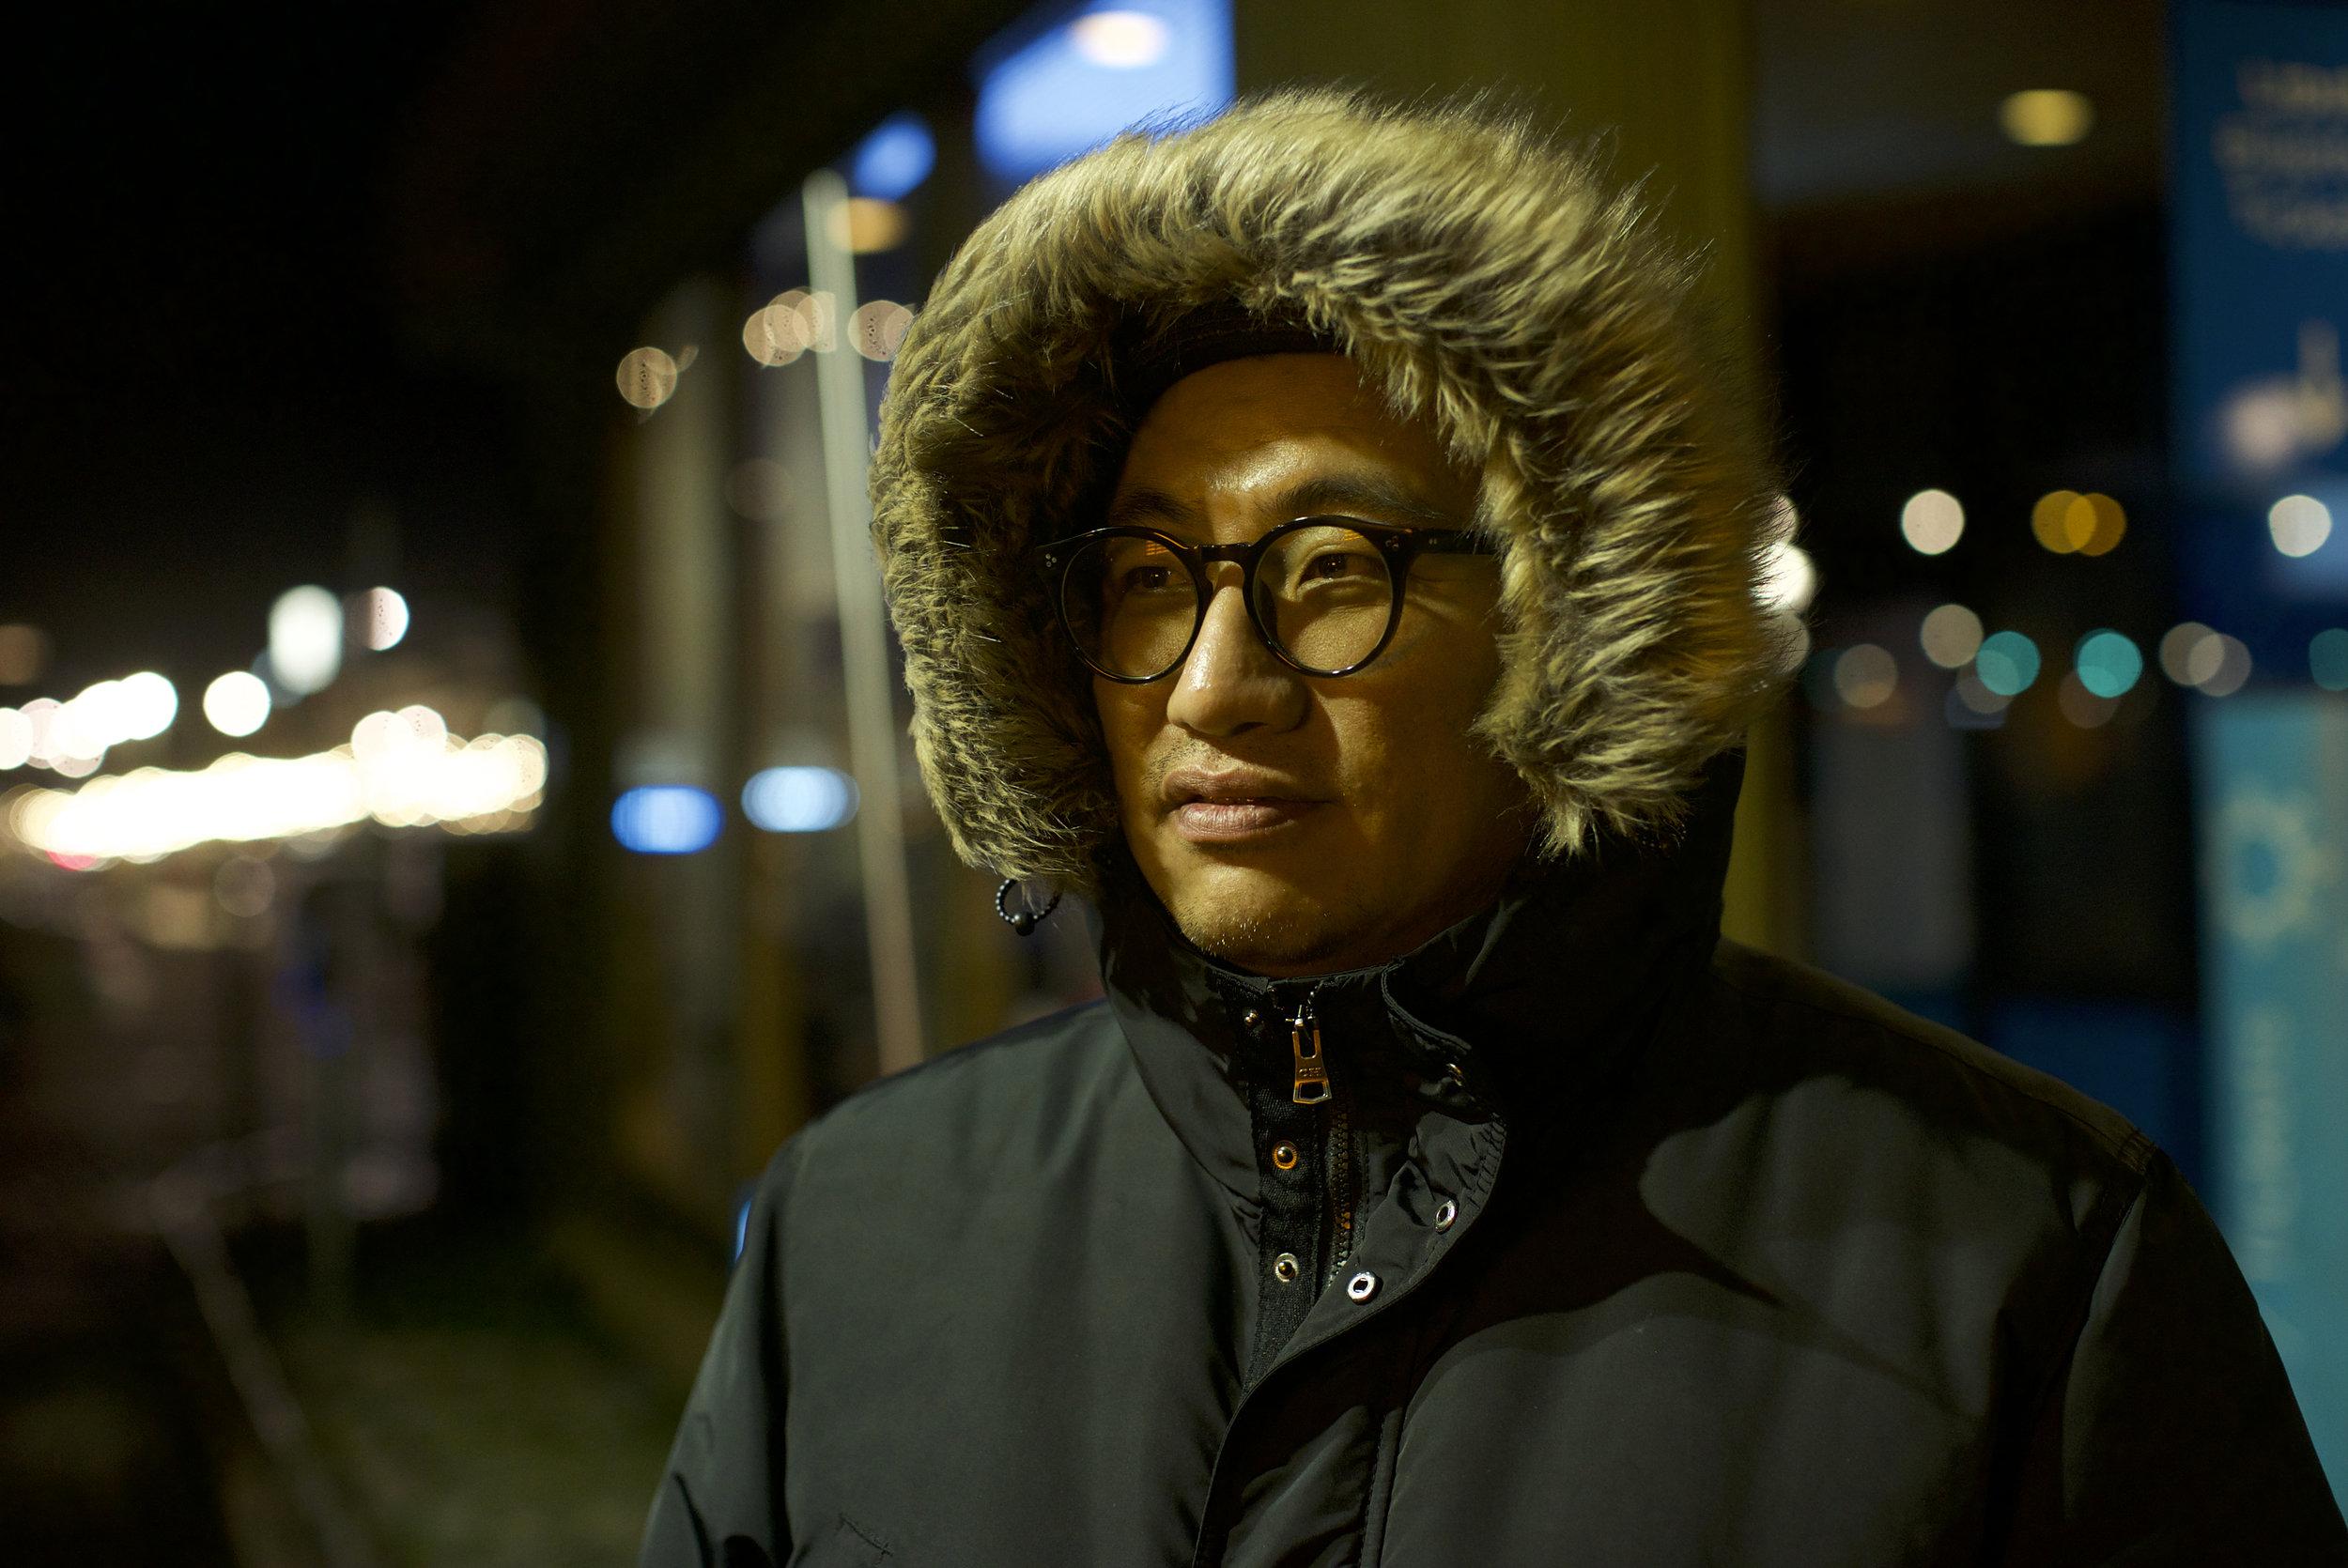 李振华  李振华,一位独立策展人,一九七五年生于北京,现工作生活于苏黎世、柏林。  Li Zhenhua is an independent curator, 1975 born in Beijing, work and live in Zurich and Berlin.